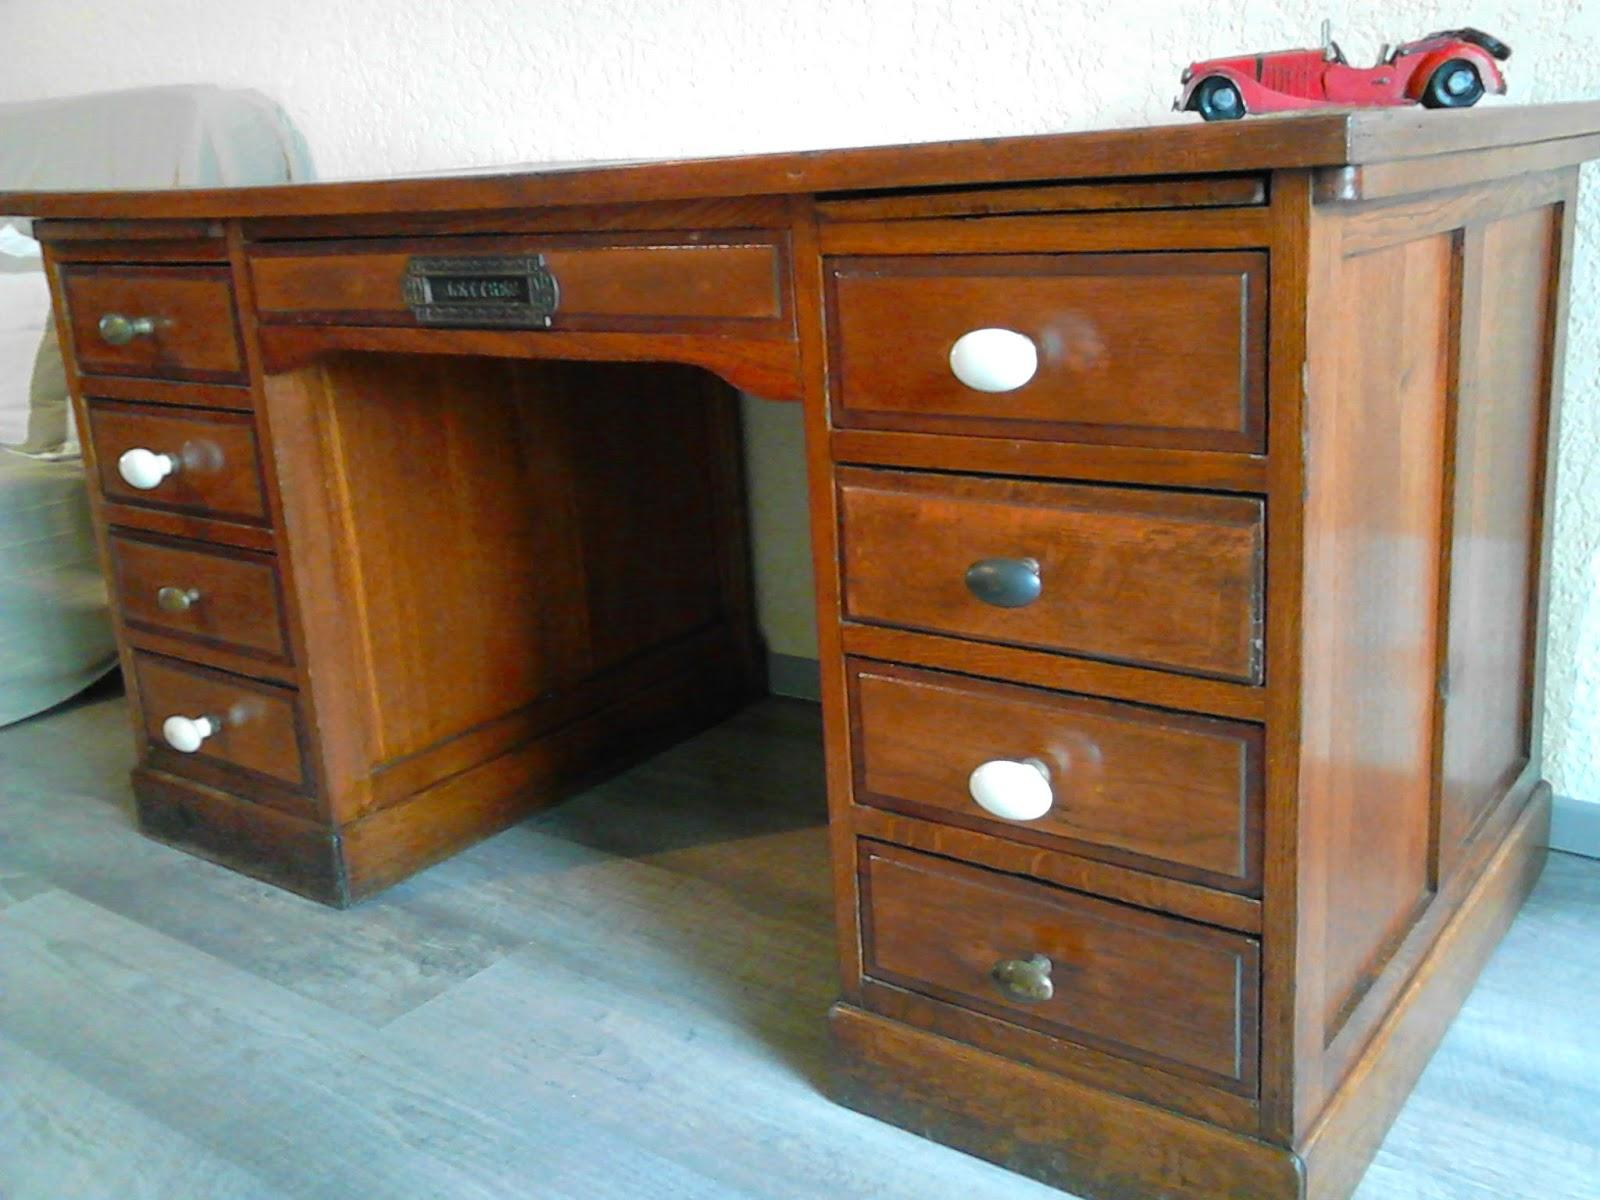 meubles et objets de d coration style industriel bureau secr taire. Black Bedroom Furniture Sets. Home Design Ideas